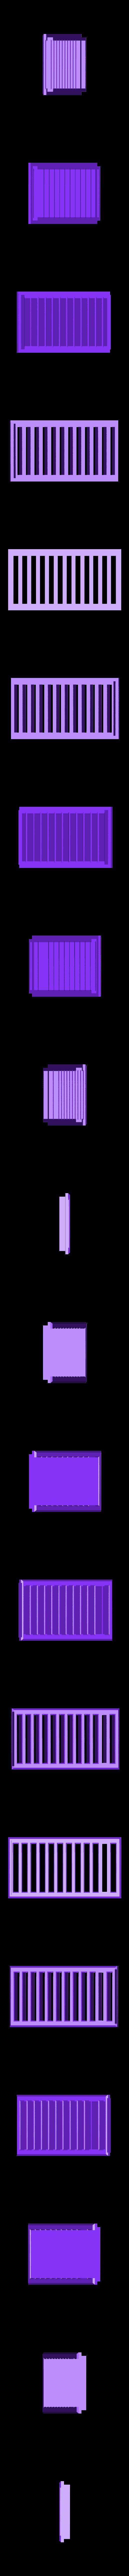 Vending Machine Vent.stl Download free STL file Scale Model Vending Machine • Design to 3D print, itzu